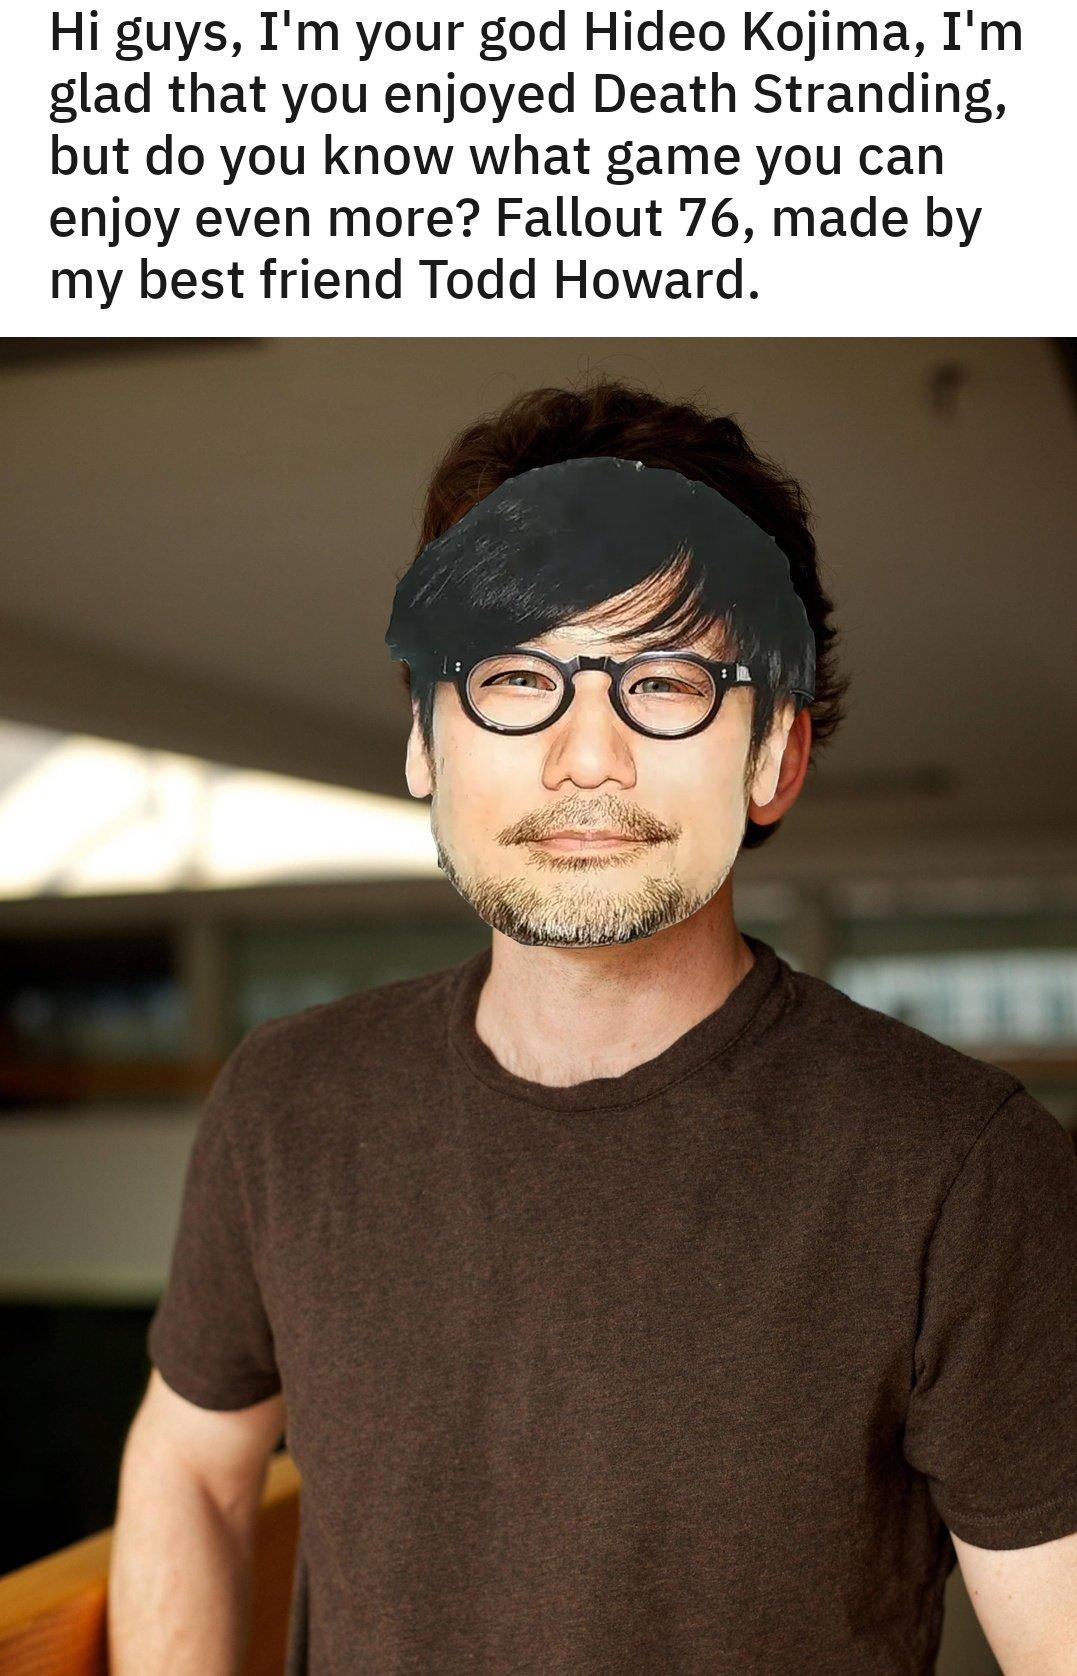 Goddamnit Todd